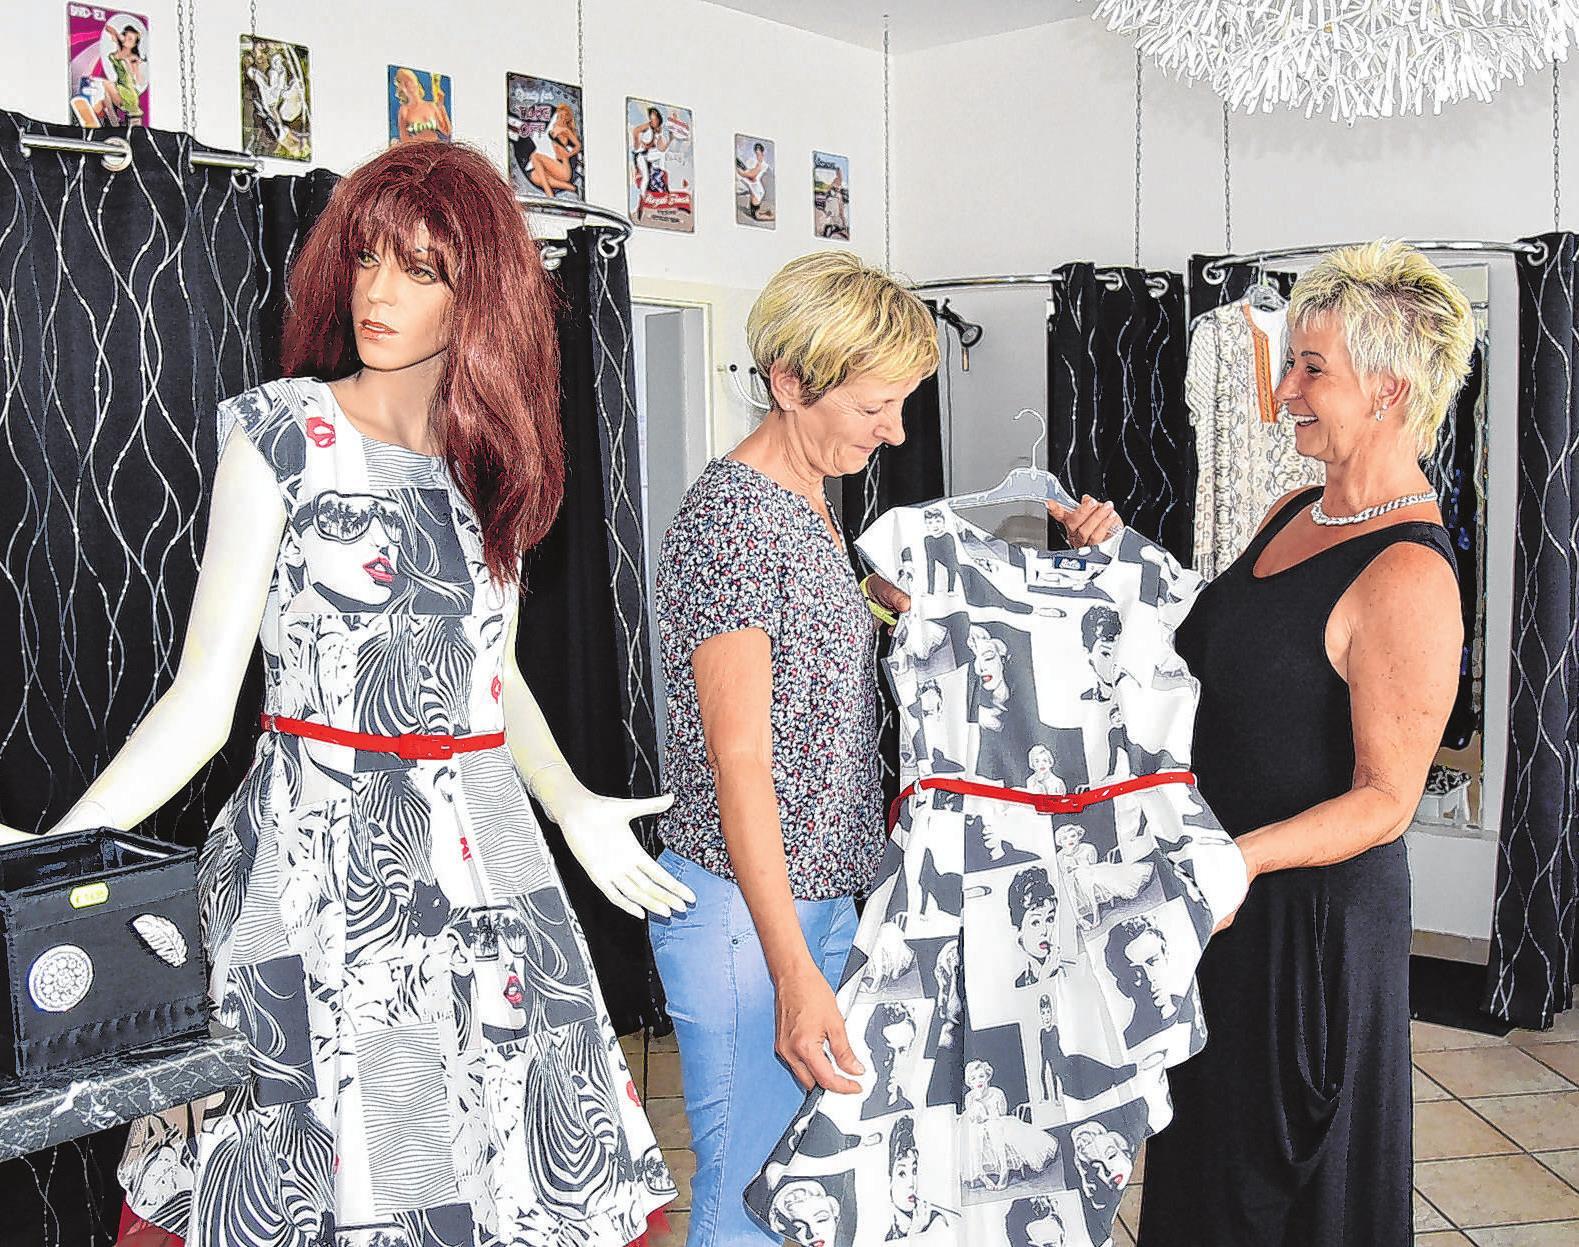 Bei den Seelower Mode-Zicken: Kundin Simone Jäck (links) ist auf der Suche nach einem luftigen Sommerkleid, Boutique Chefin Simone Richter empfiehlt und berät.